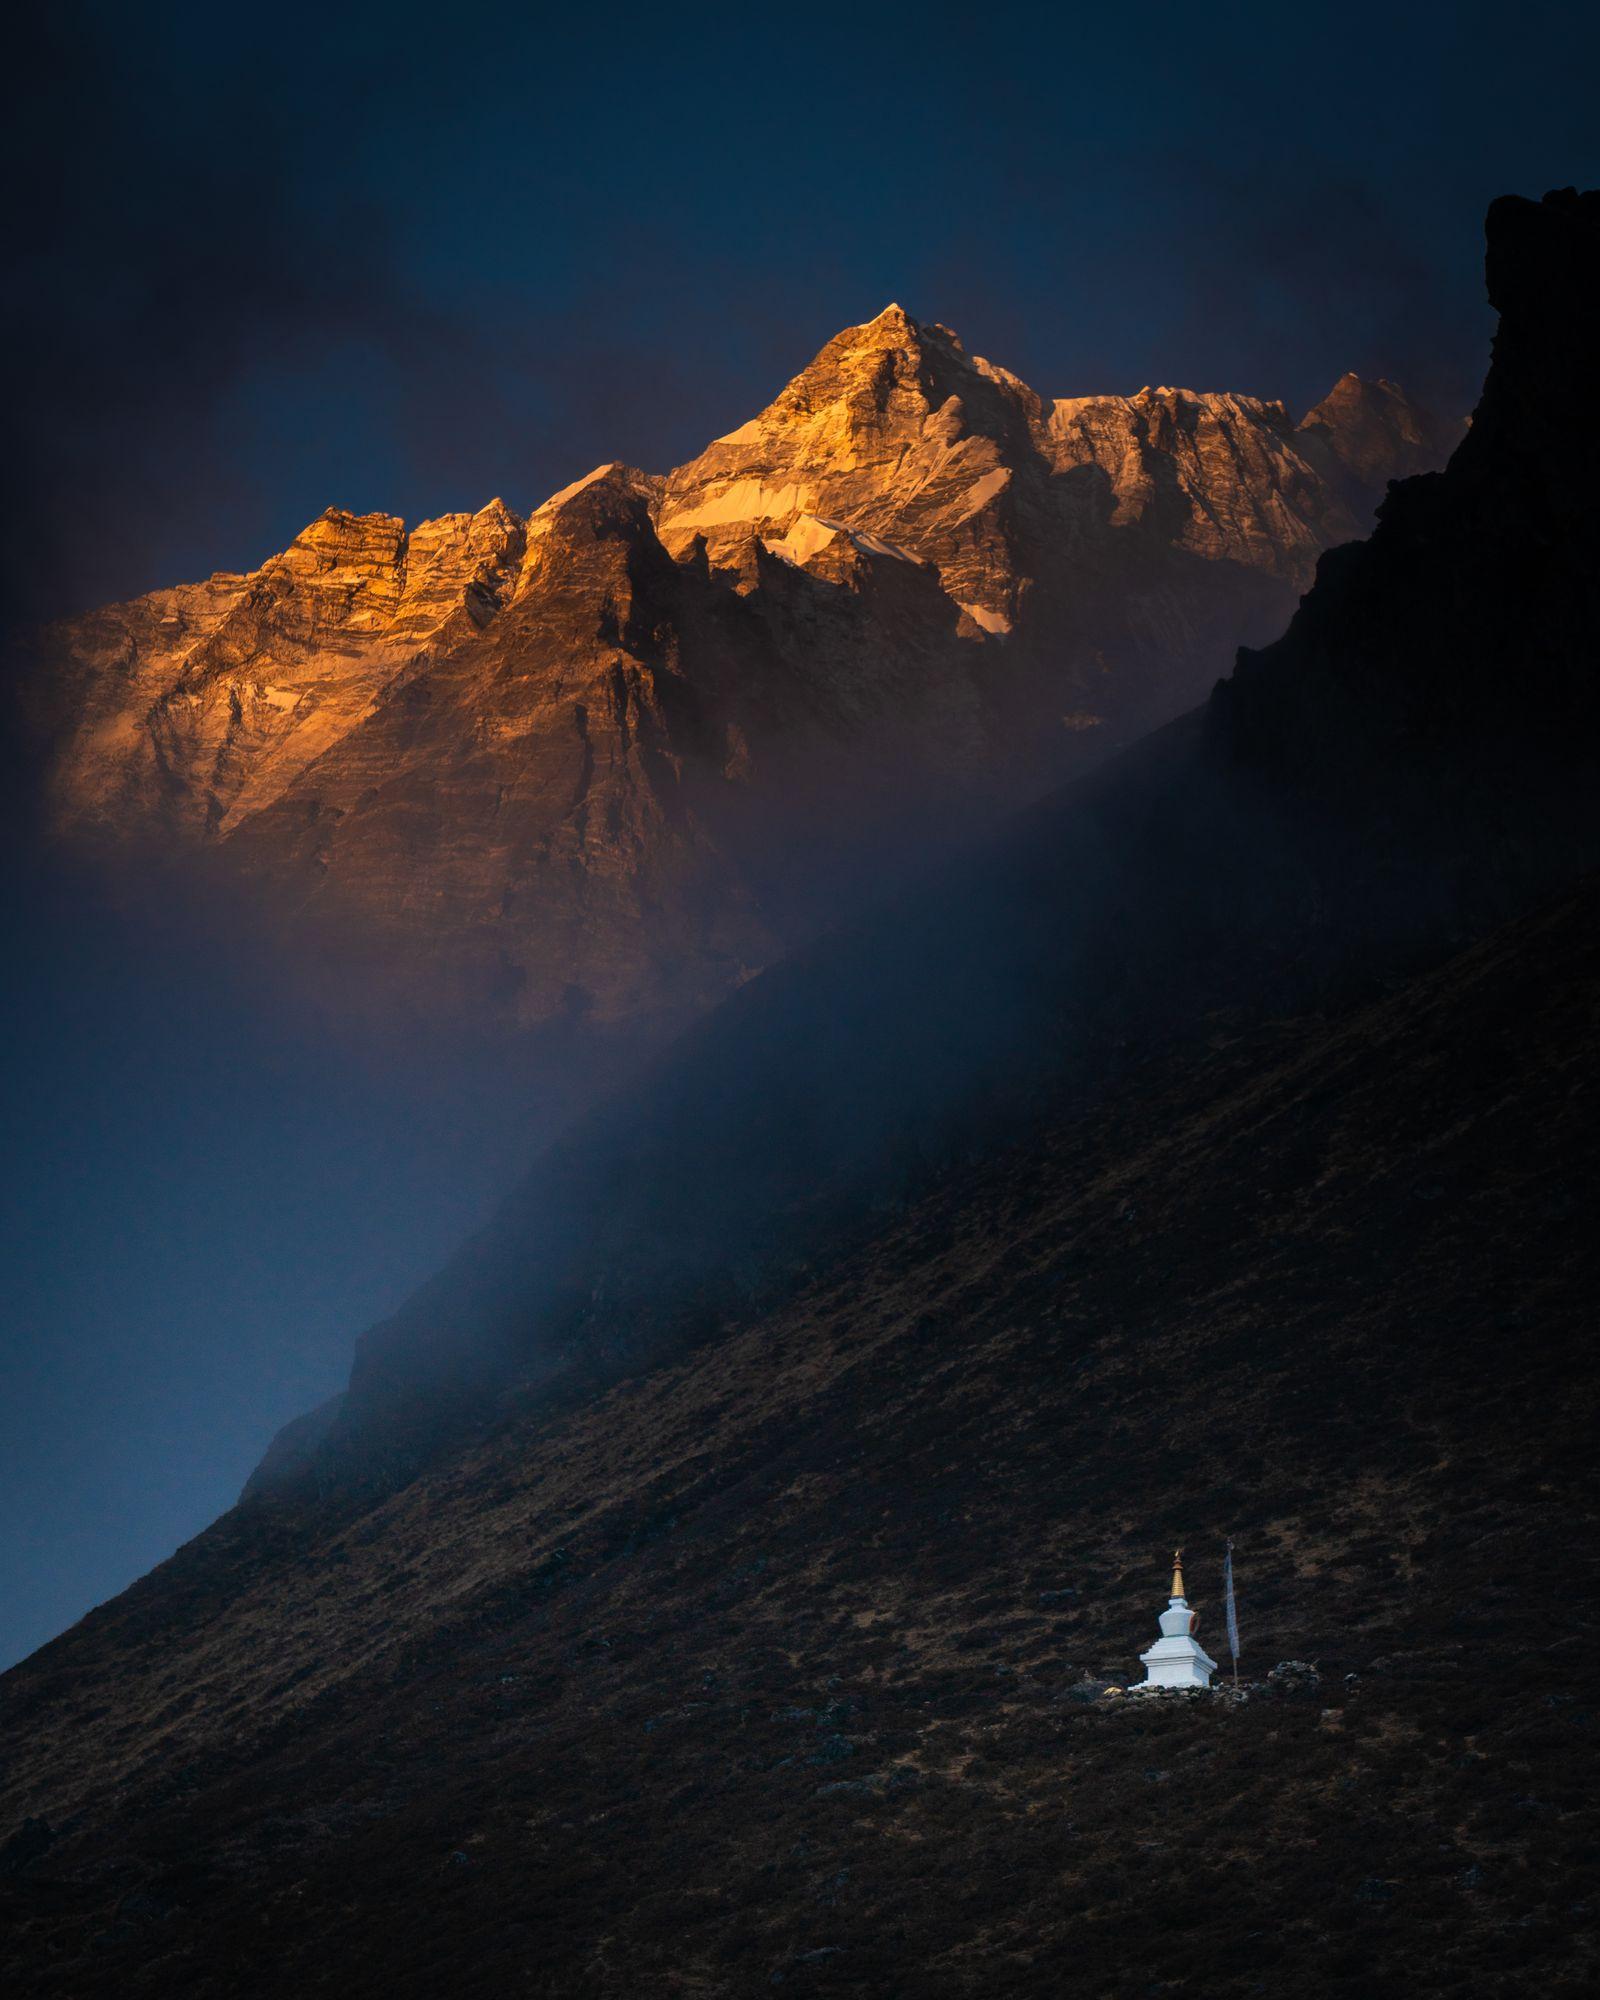 The Lone Stupa